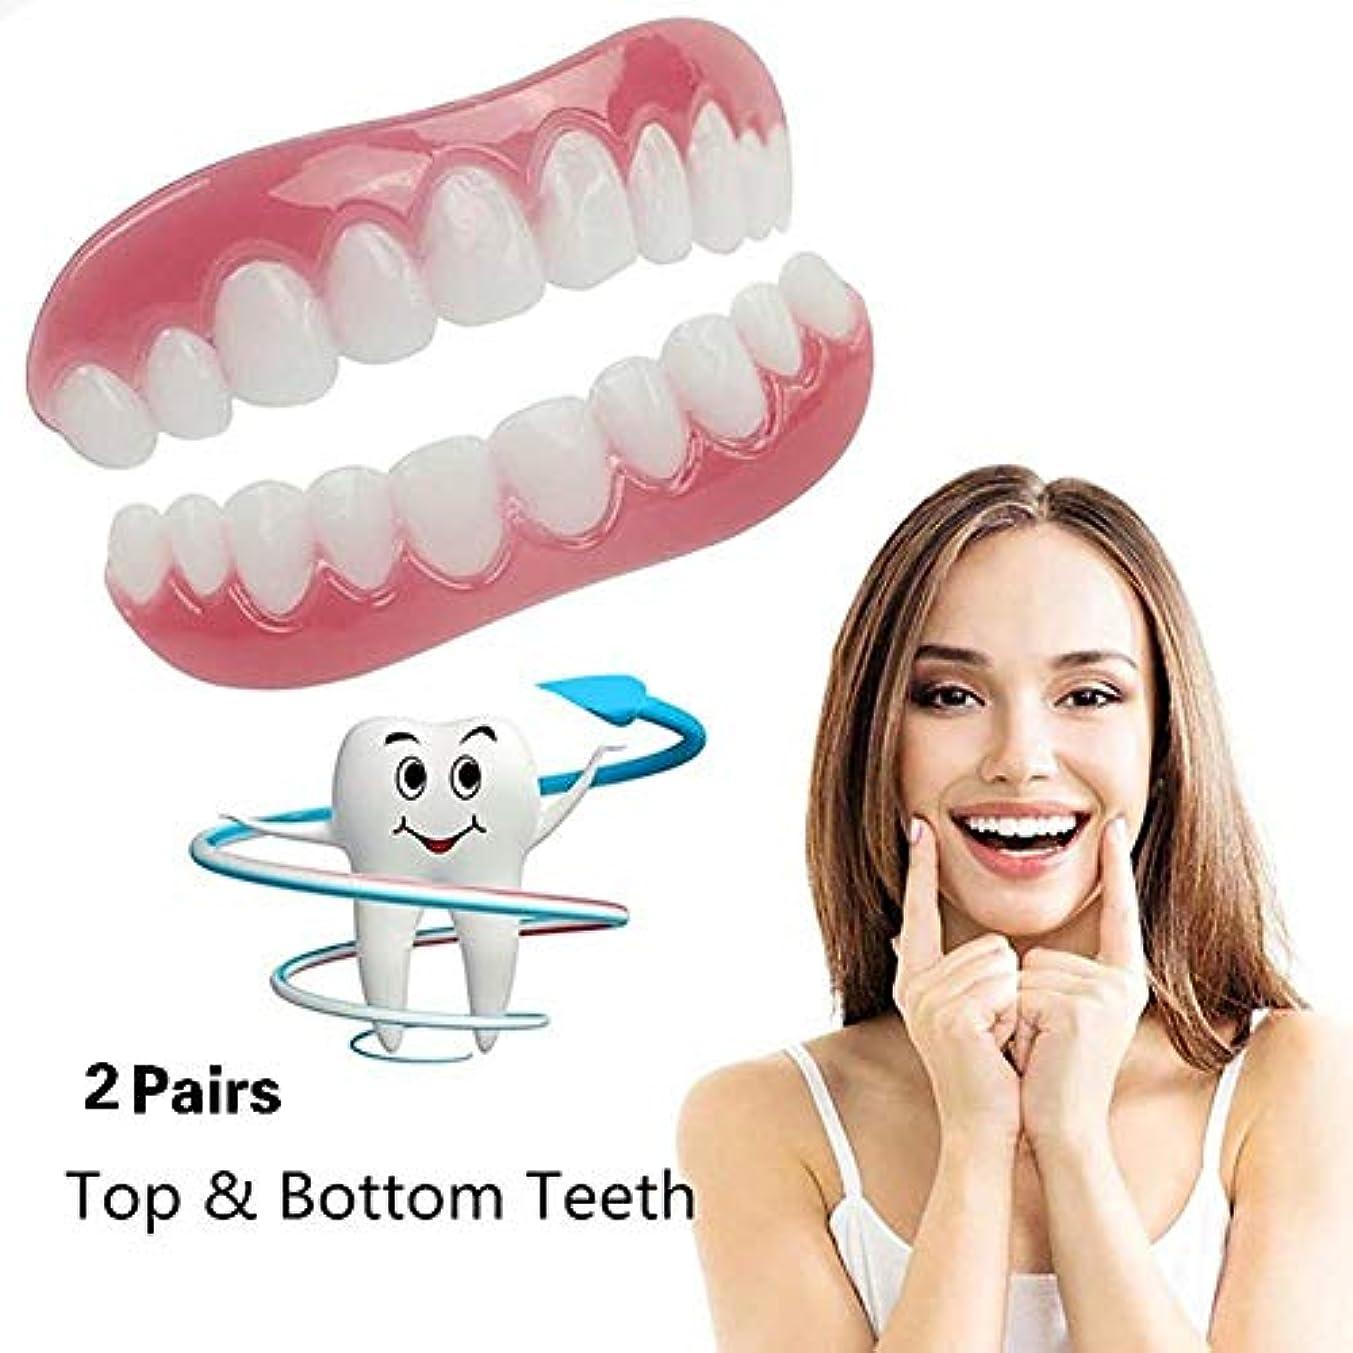 手荷物後者ファックス2対のシリコーンの歯のベニヤの歯の快適さのフィットフレックス化粧品の歯義歯の歯のトップとボトム化粧品のベニヤのシミュレーションのブレースワンサイズフィットすべて